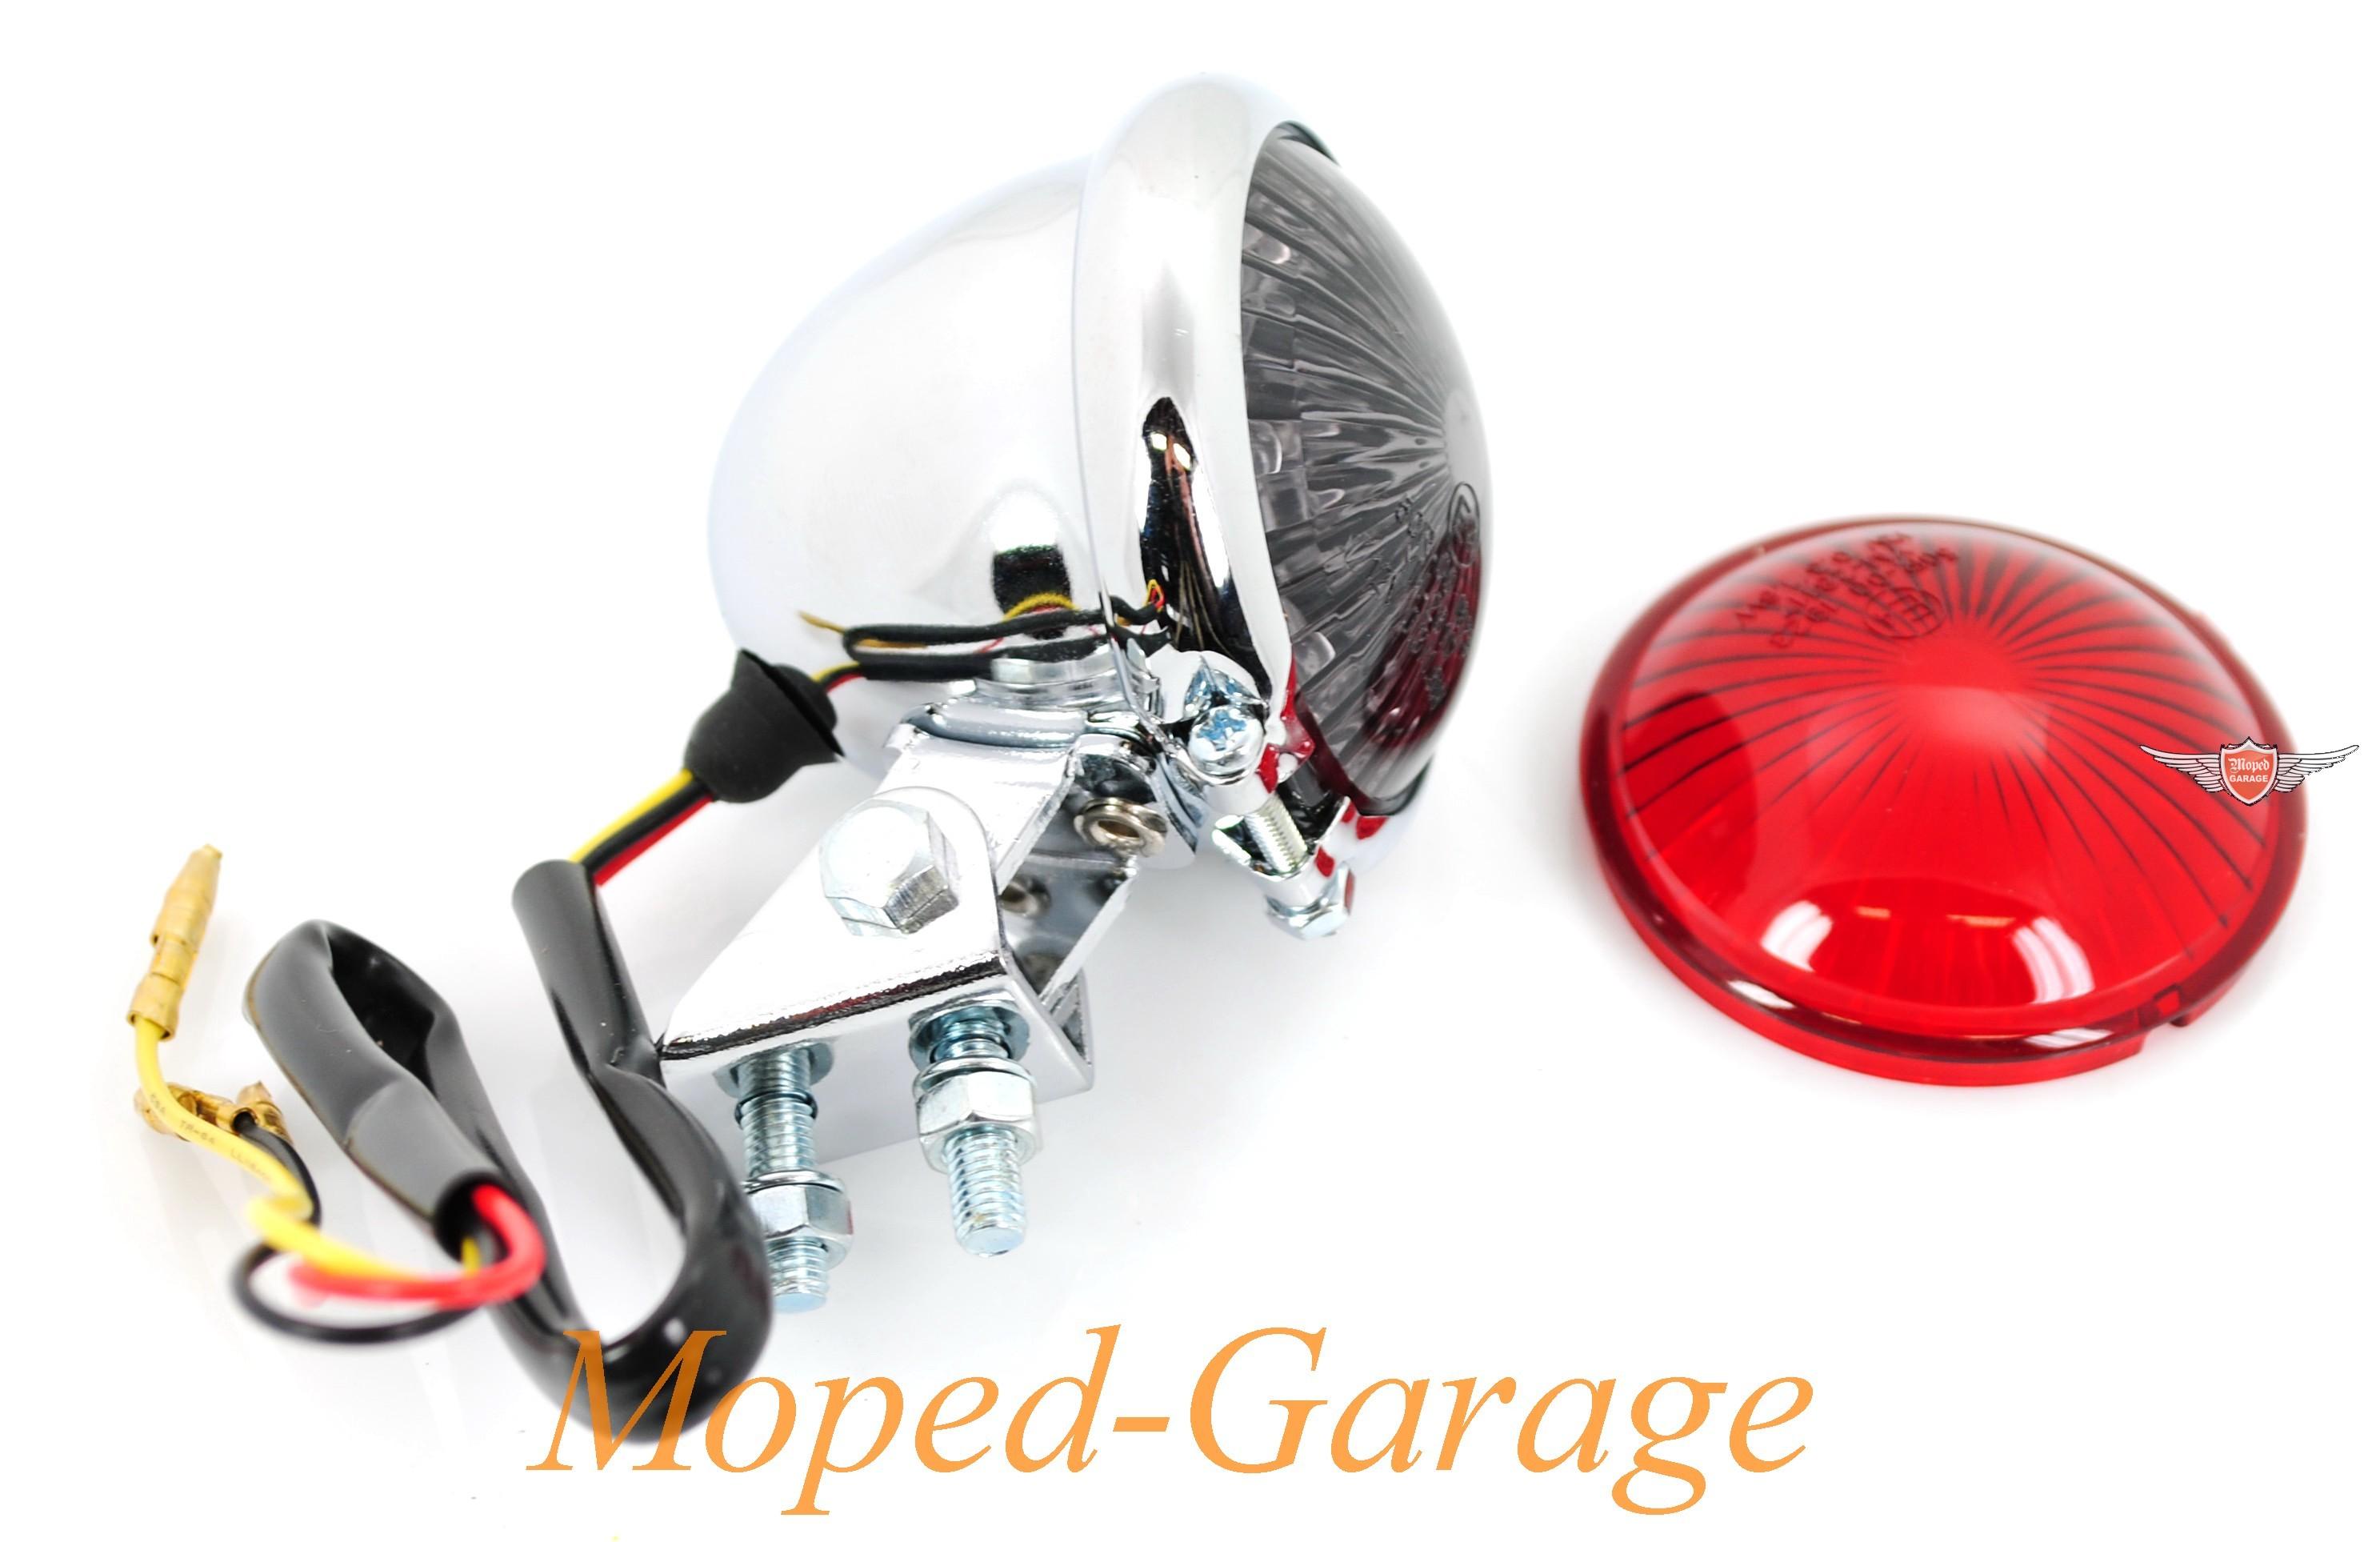 moped harley chopper motorrad bates style led. Black Bedroom Furniture Sets. Home Design Ideas